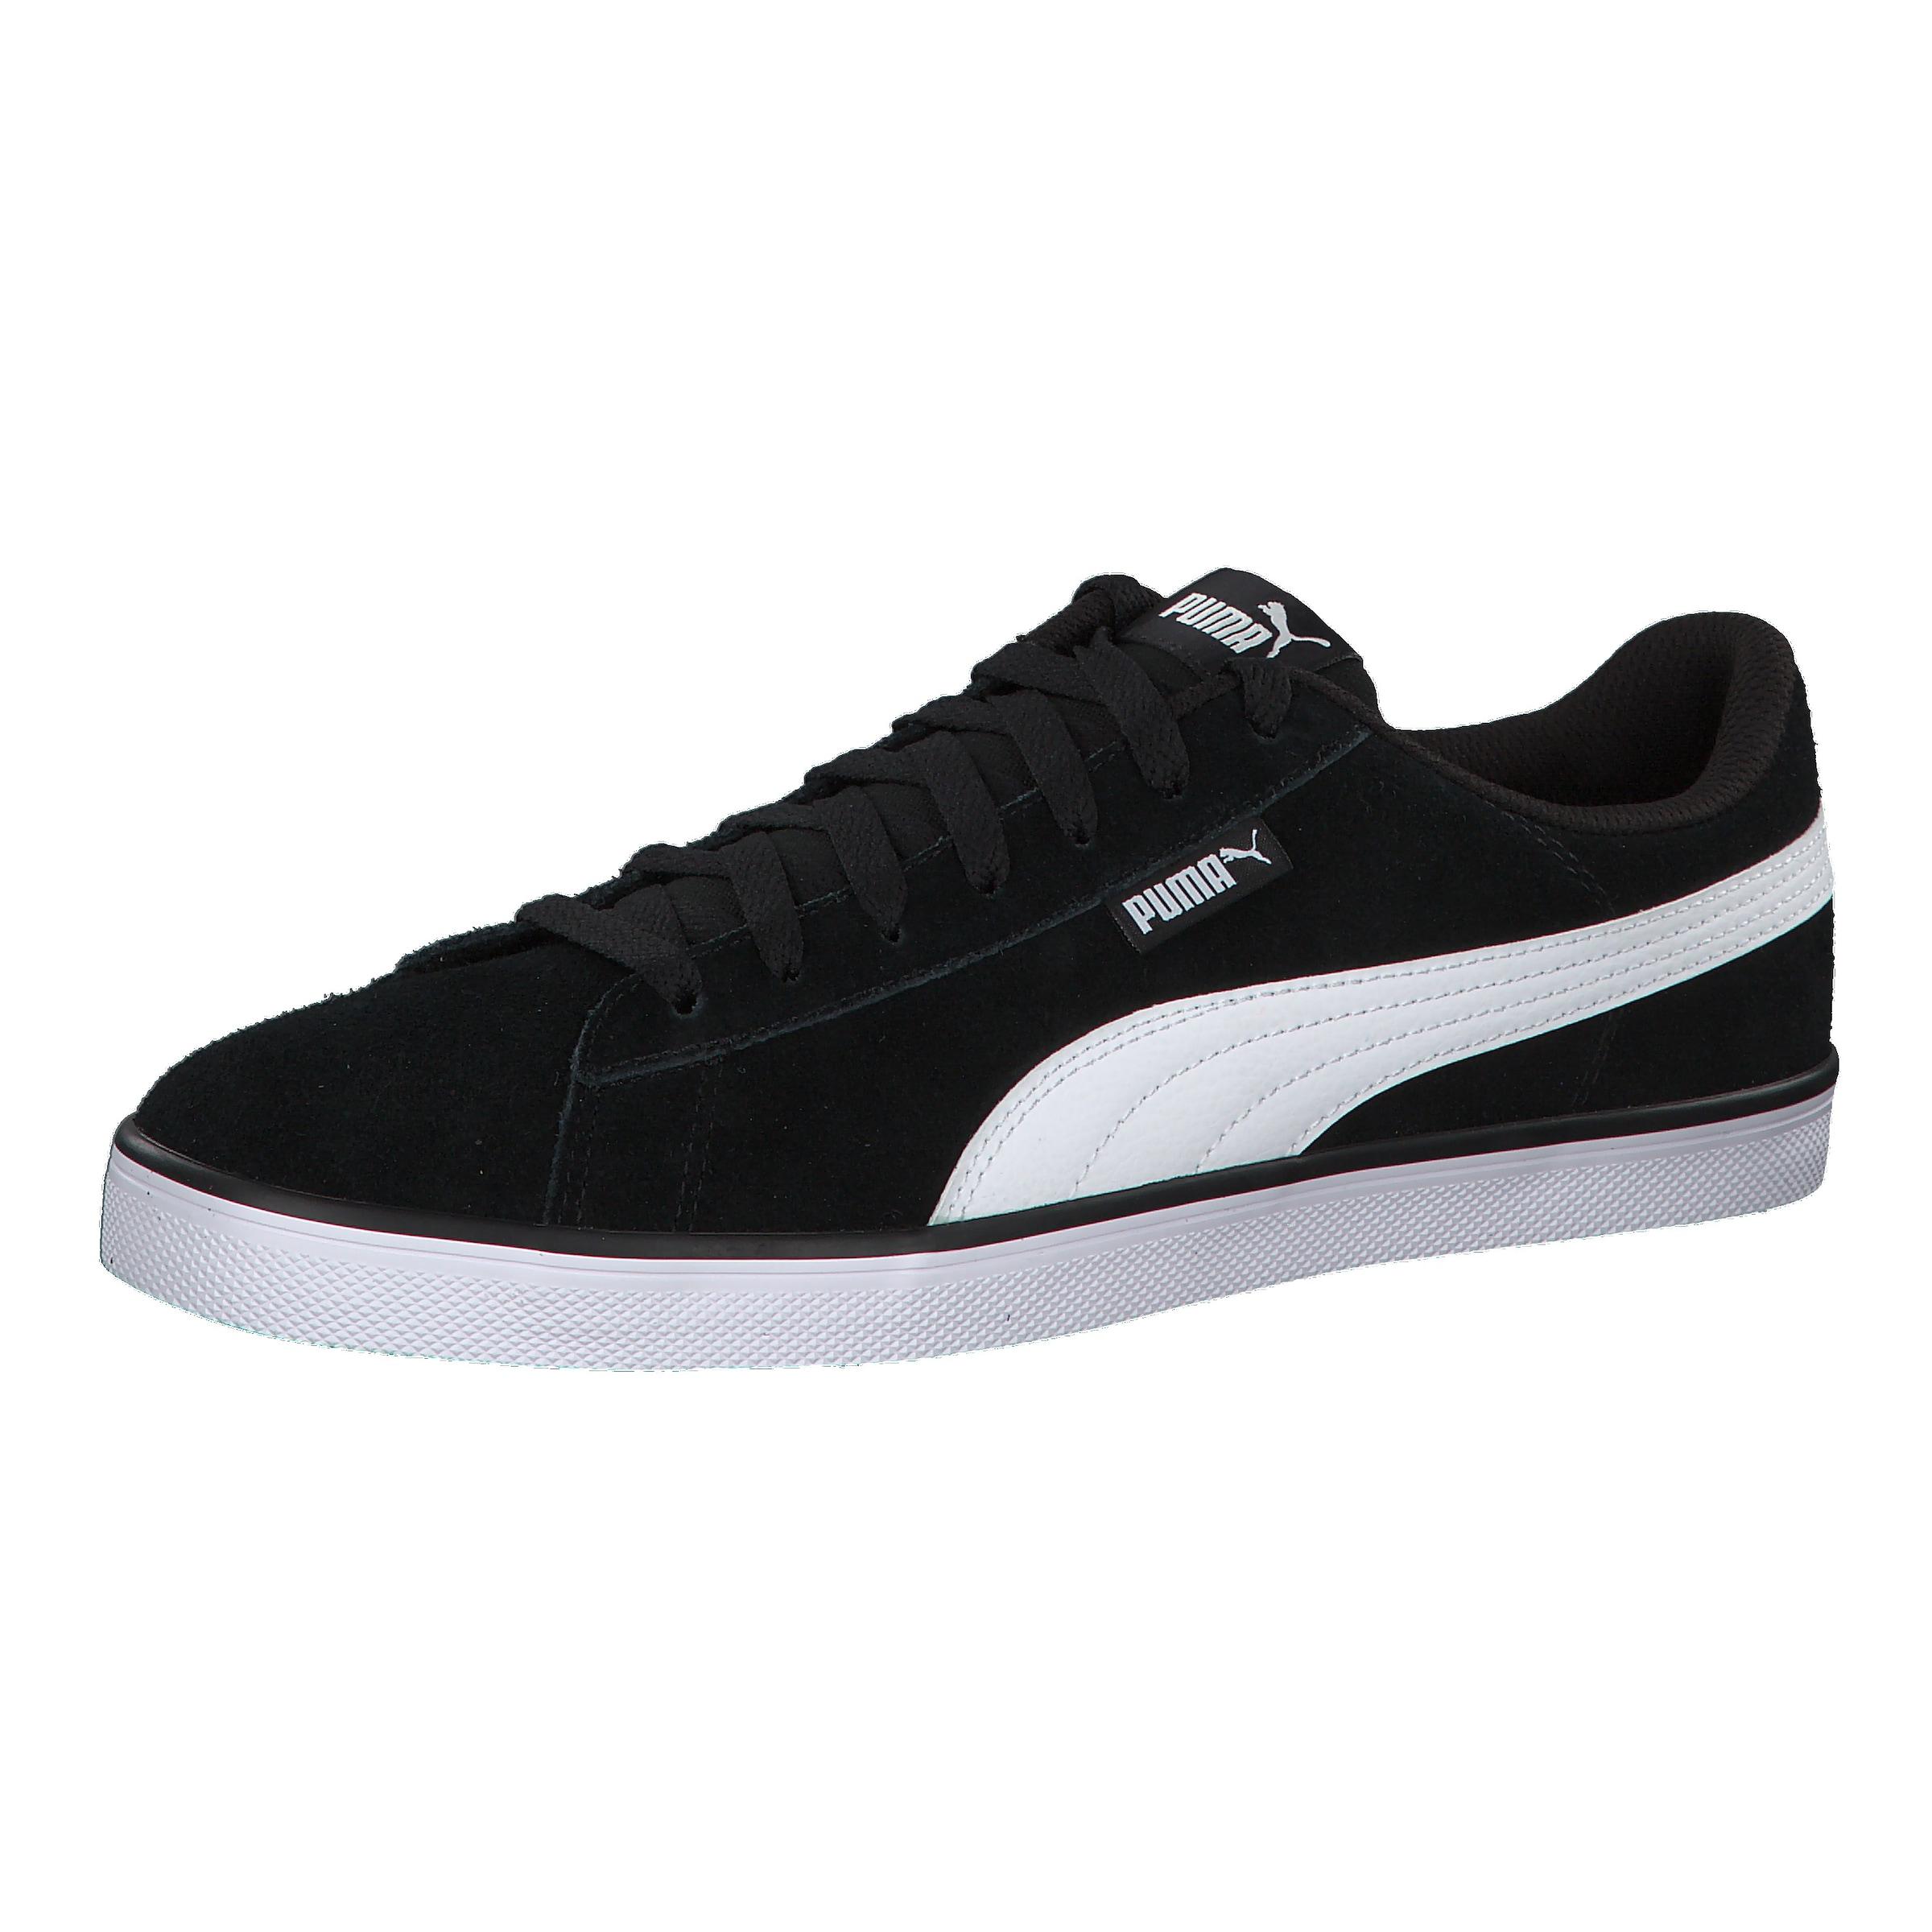 PUMA Sneaker Urban Plus SD mit SuperiorFoam 365259-03